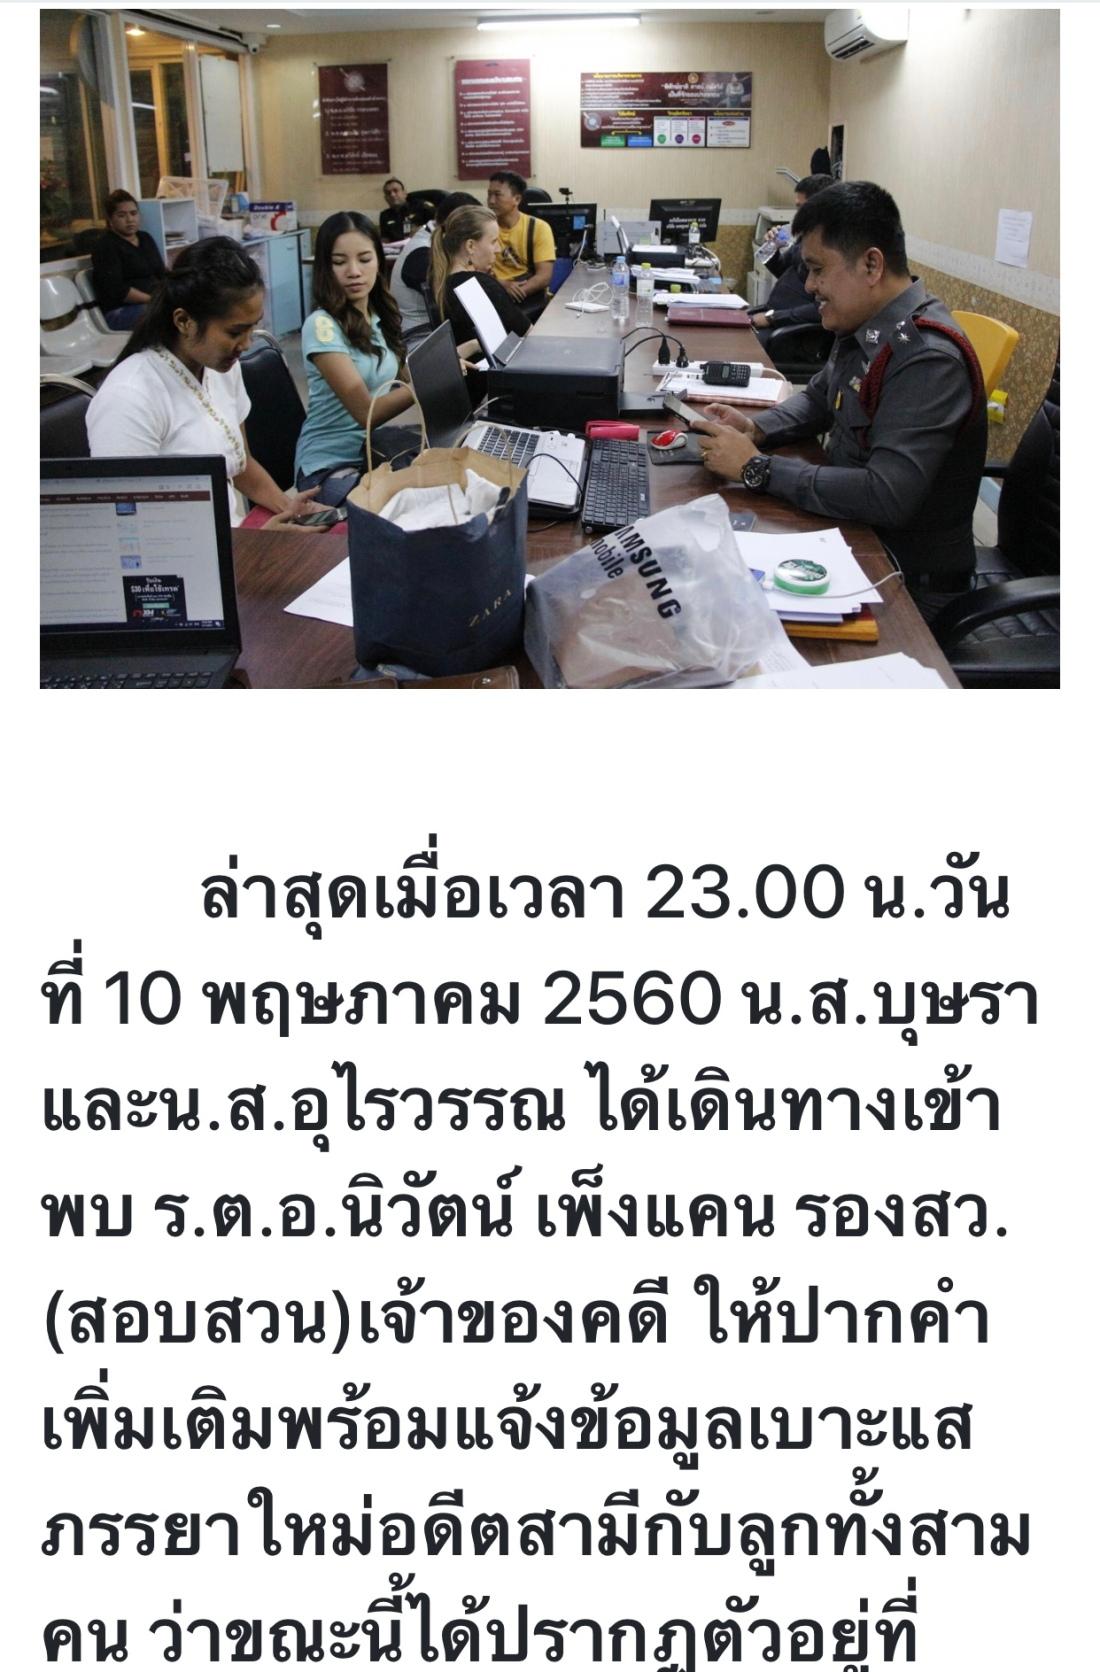 3D9A5E4D-3D74-4D8A-836A-7B7360E50D31